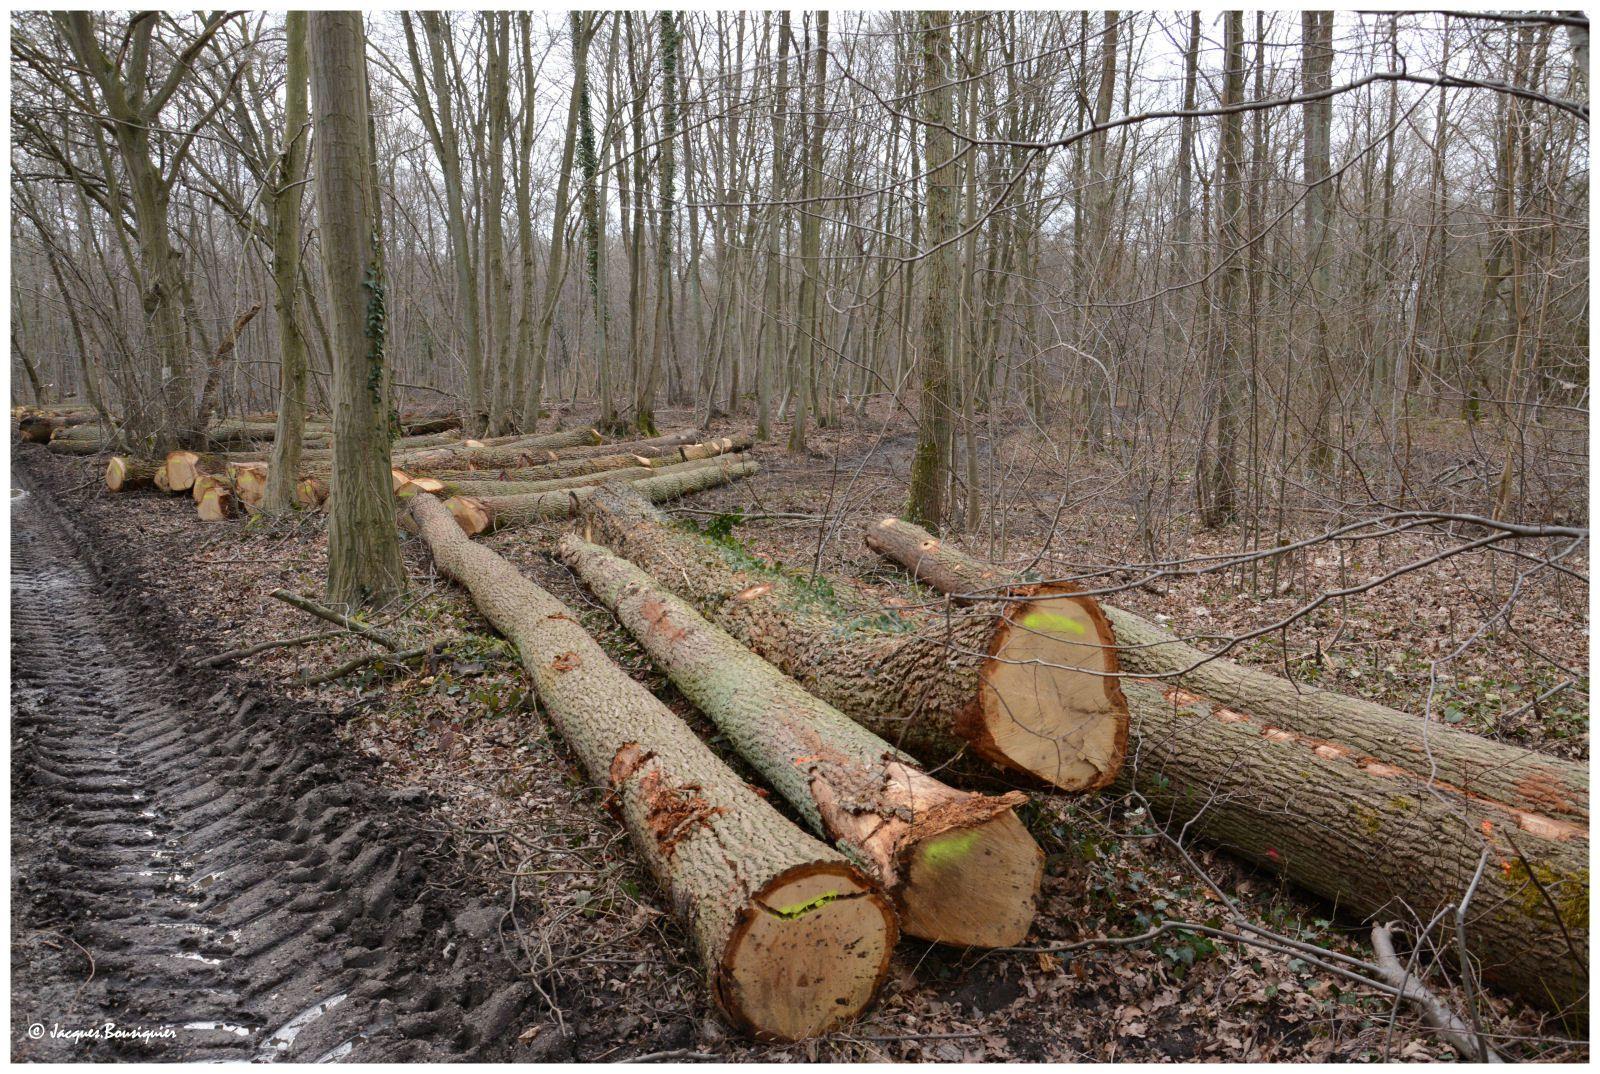 Ce chêne (2ème photo) ressemble étrangement au Chêne Andreau, cet arbre remarquable de la forêt d'Halatte (liens tout-en-bas).